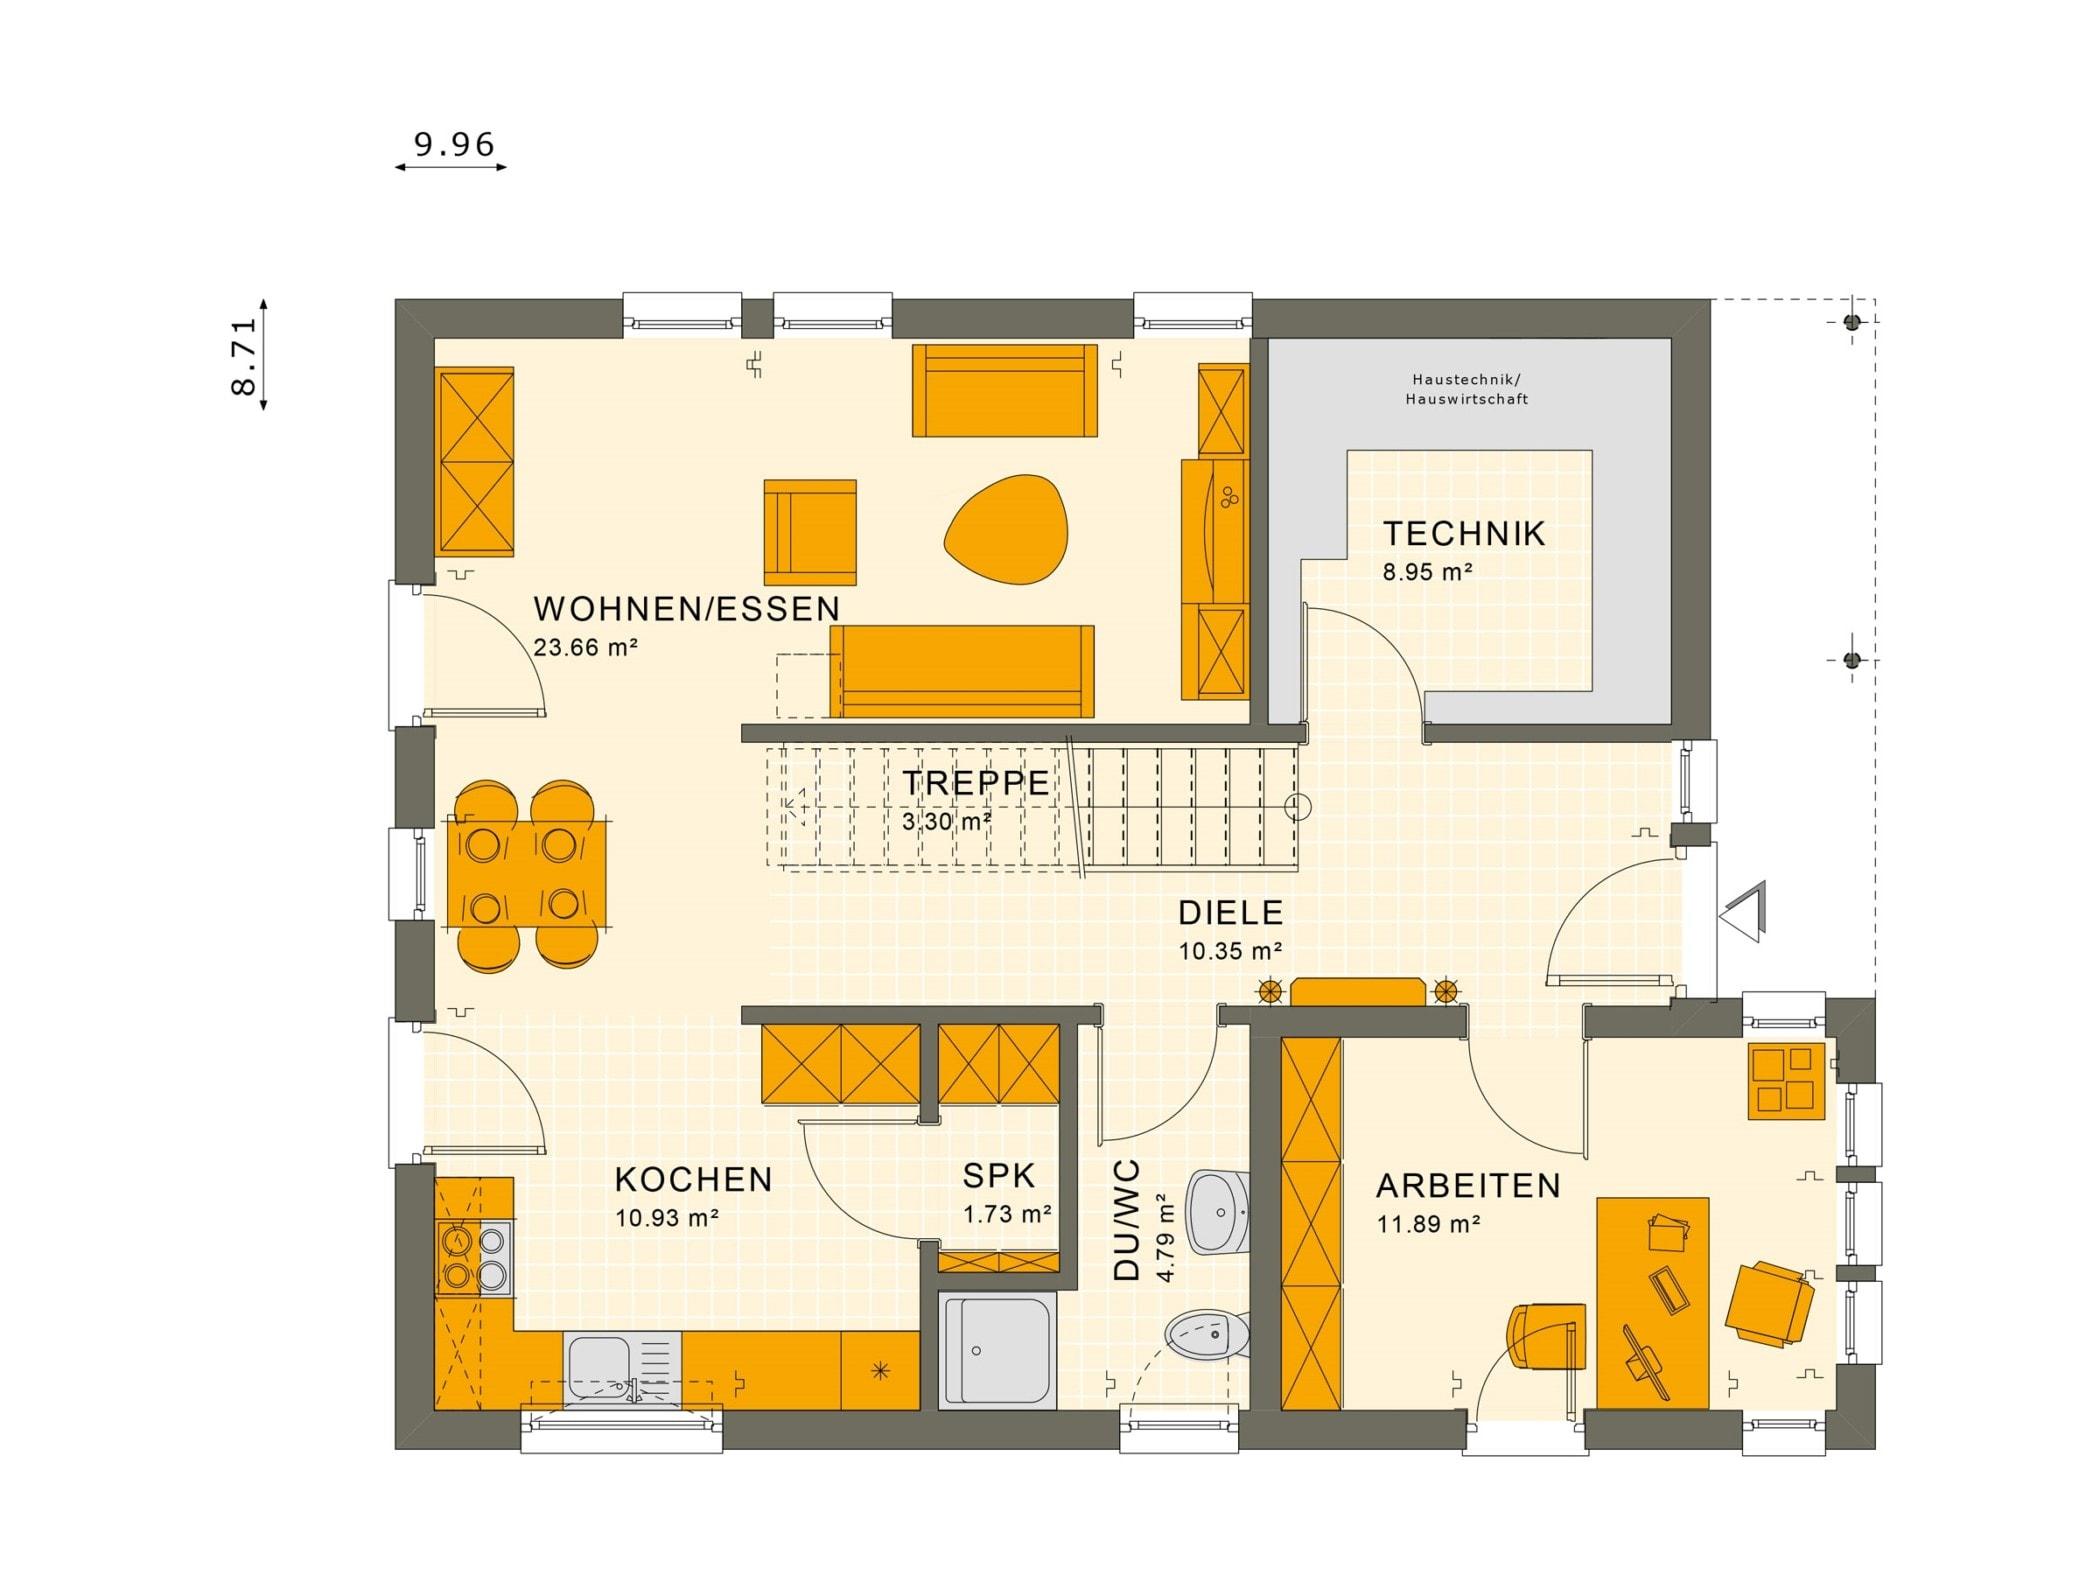 Grundriss Einfamilienhaus Erdgeschoss gerade Treppe, 5 Zimmer, 140 qm - Fertighaus Living Haus SUNSHINE 144 V2 - HausbauDirekt.de